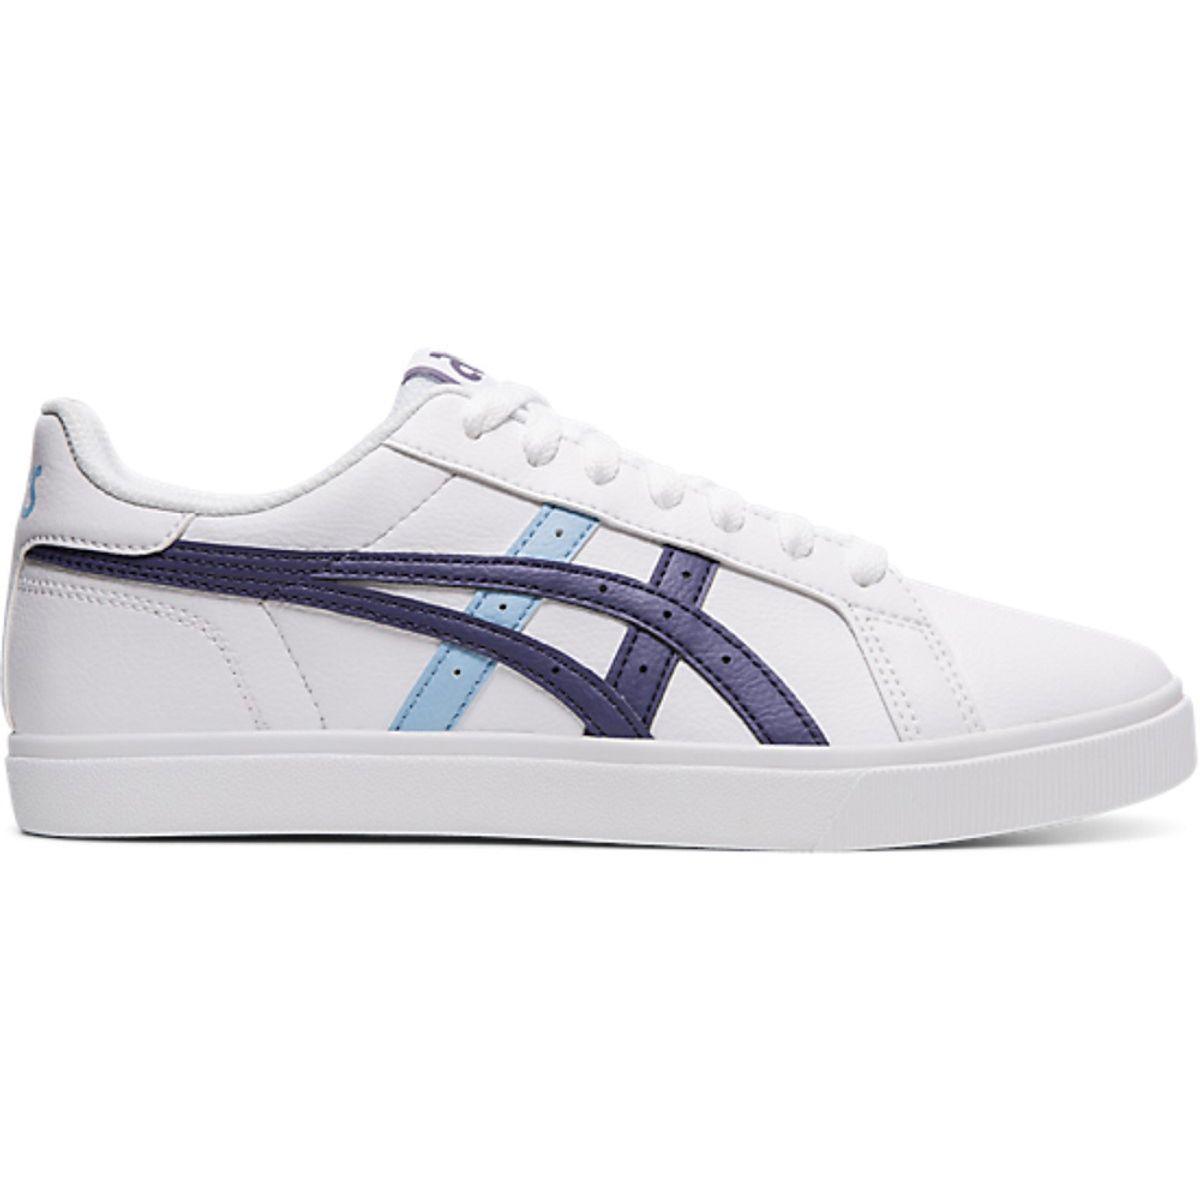 Tenis-Asics-Classic-CT---Feminino---Branco